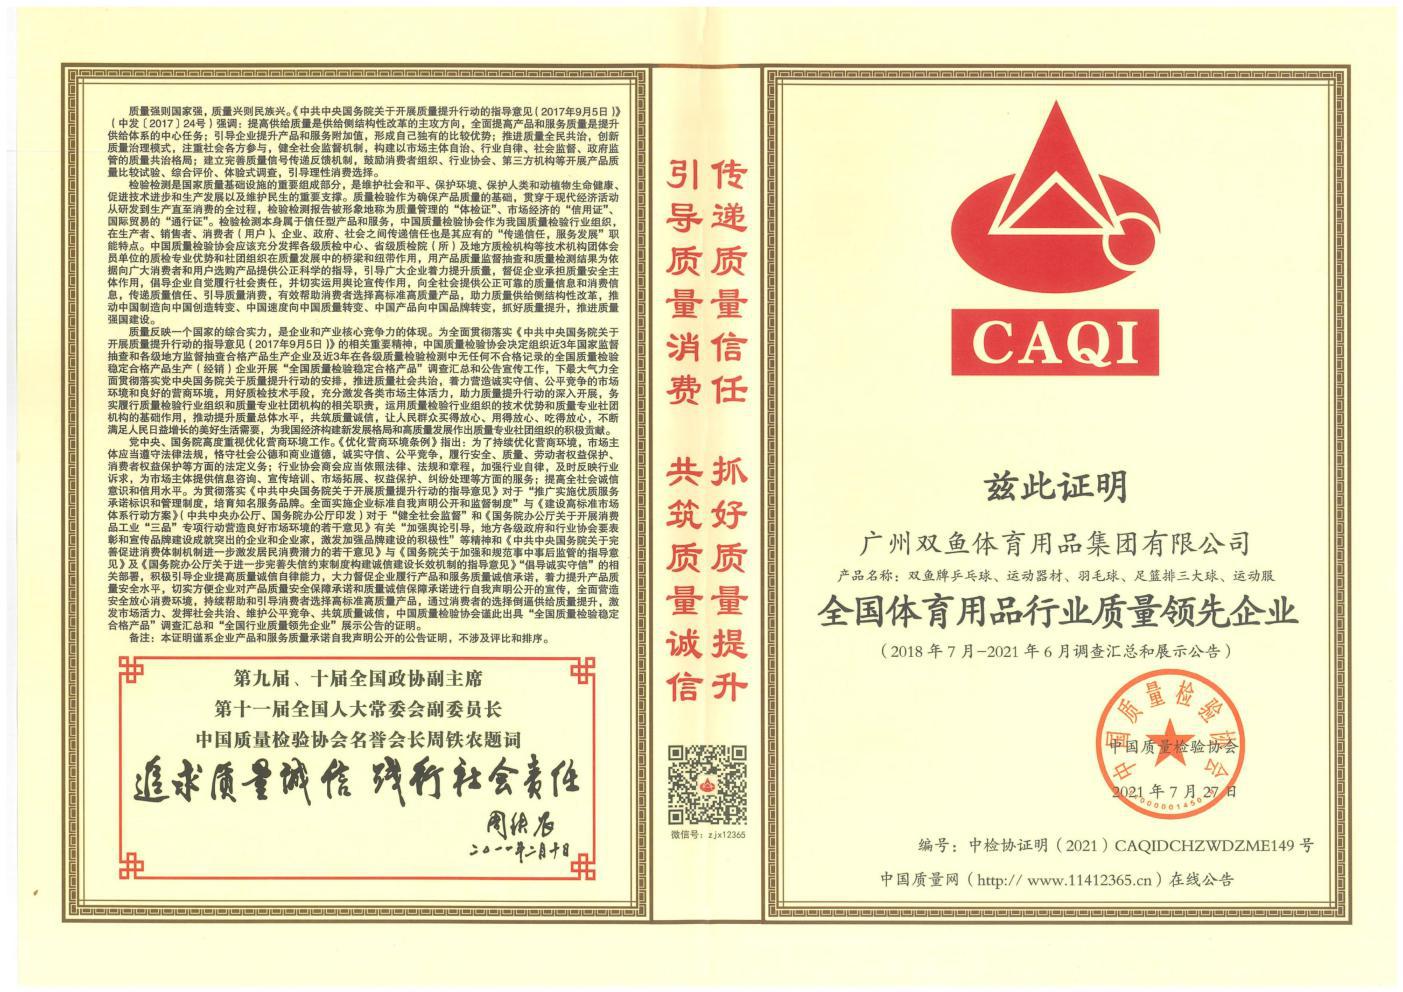 双鱼体育获CAQI中国质量检验协会颁发的多项荣誉